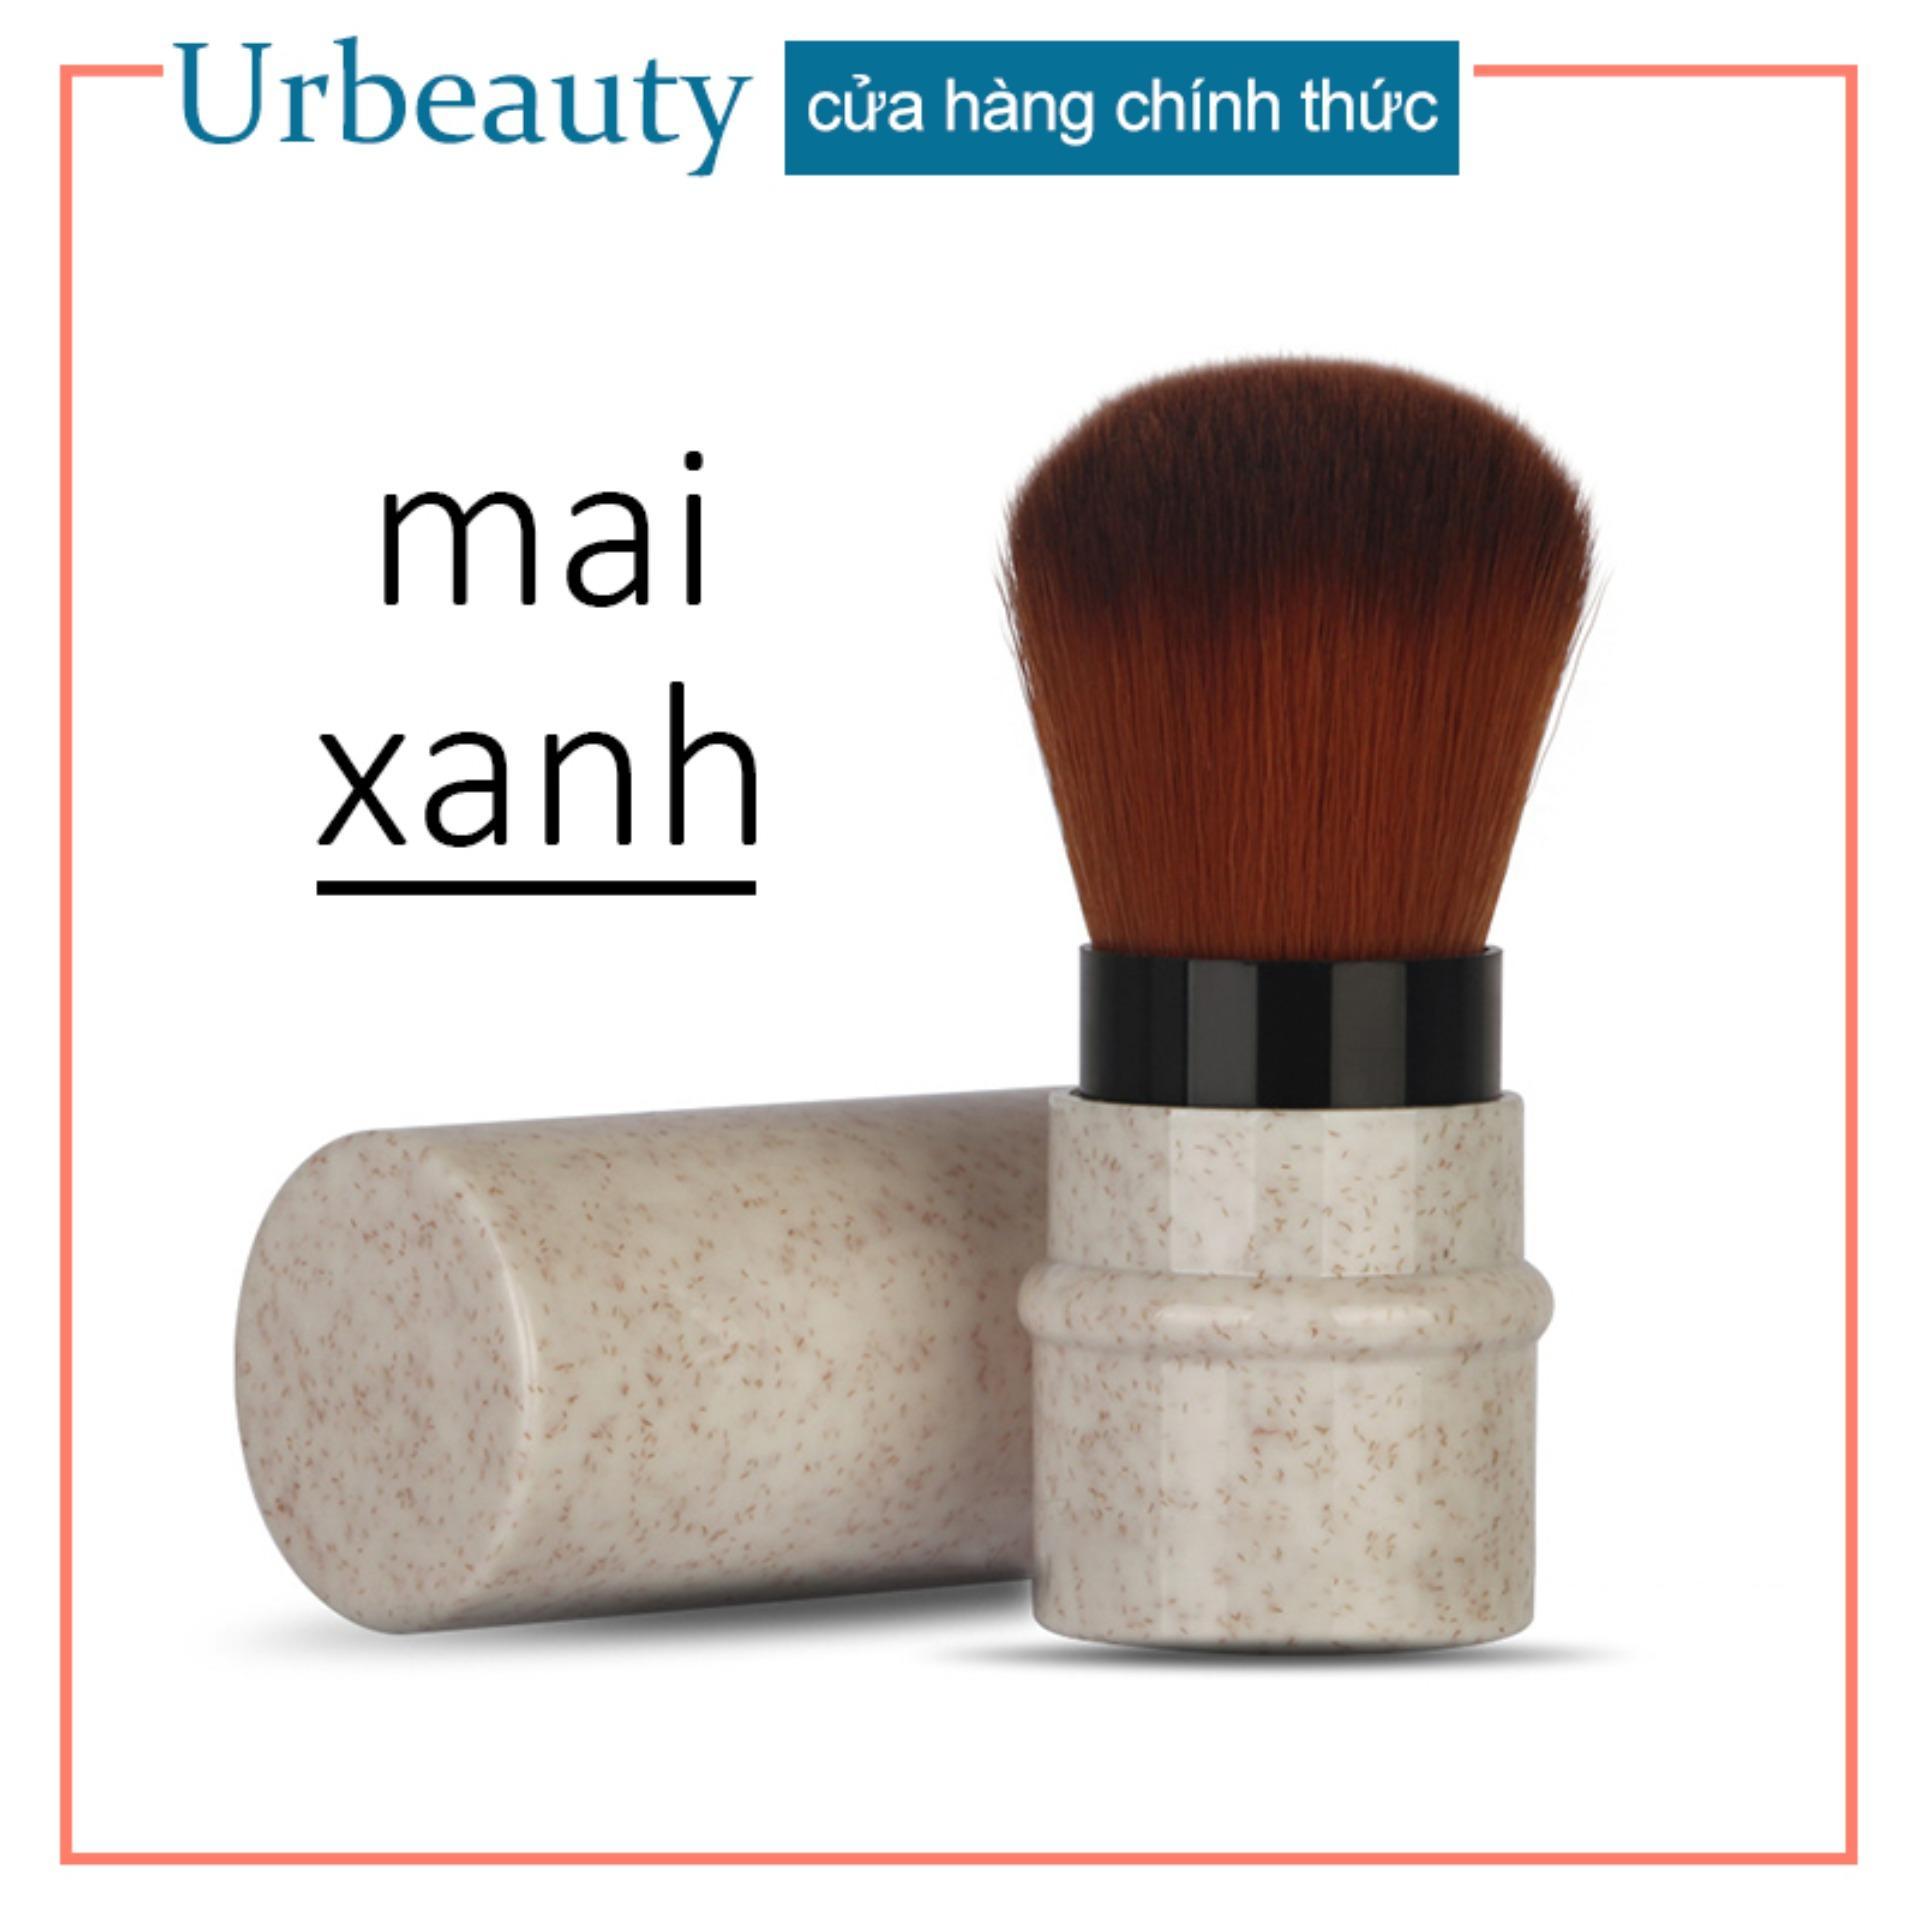 【Urbeauty】MAANGE 1 Pc xách tay mềm trang điểm má hồng phấn nền bàn chải trang điểm cao cấp